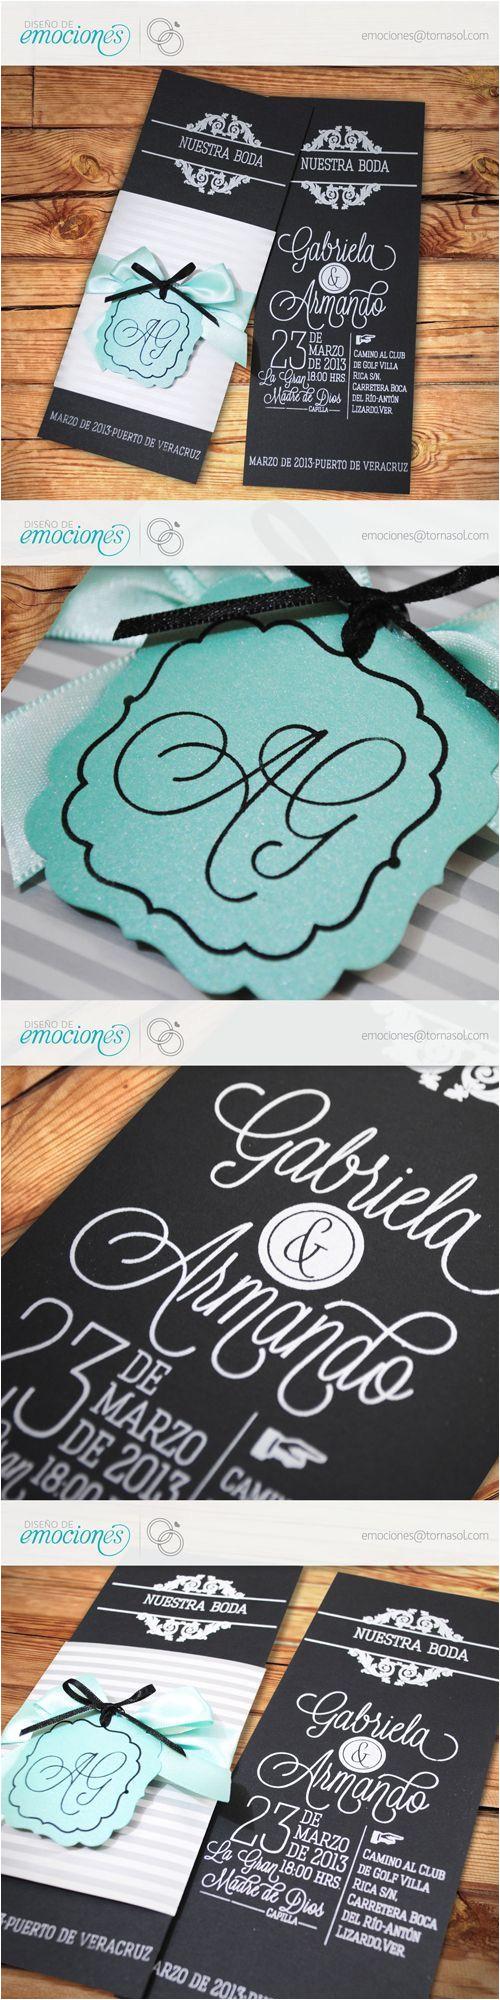 sencilla y elegante invitacia n para boda impresa en serigrafa a con cintillo en papel de fantasa a cierra con monograma suajado con las iniciales de los